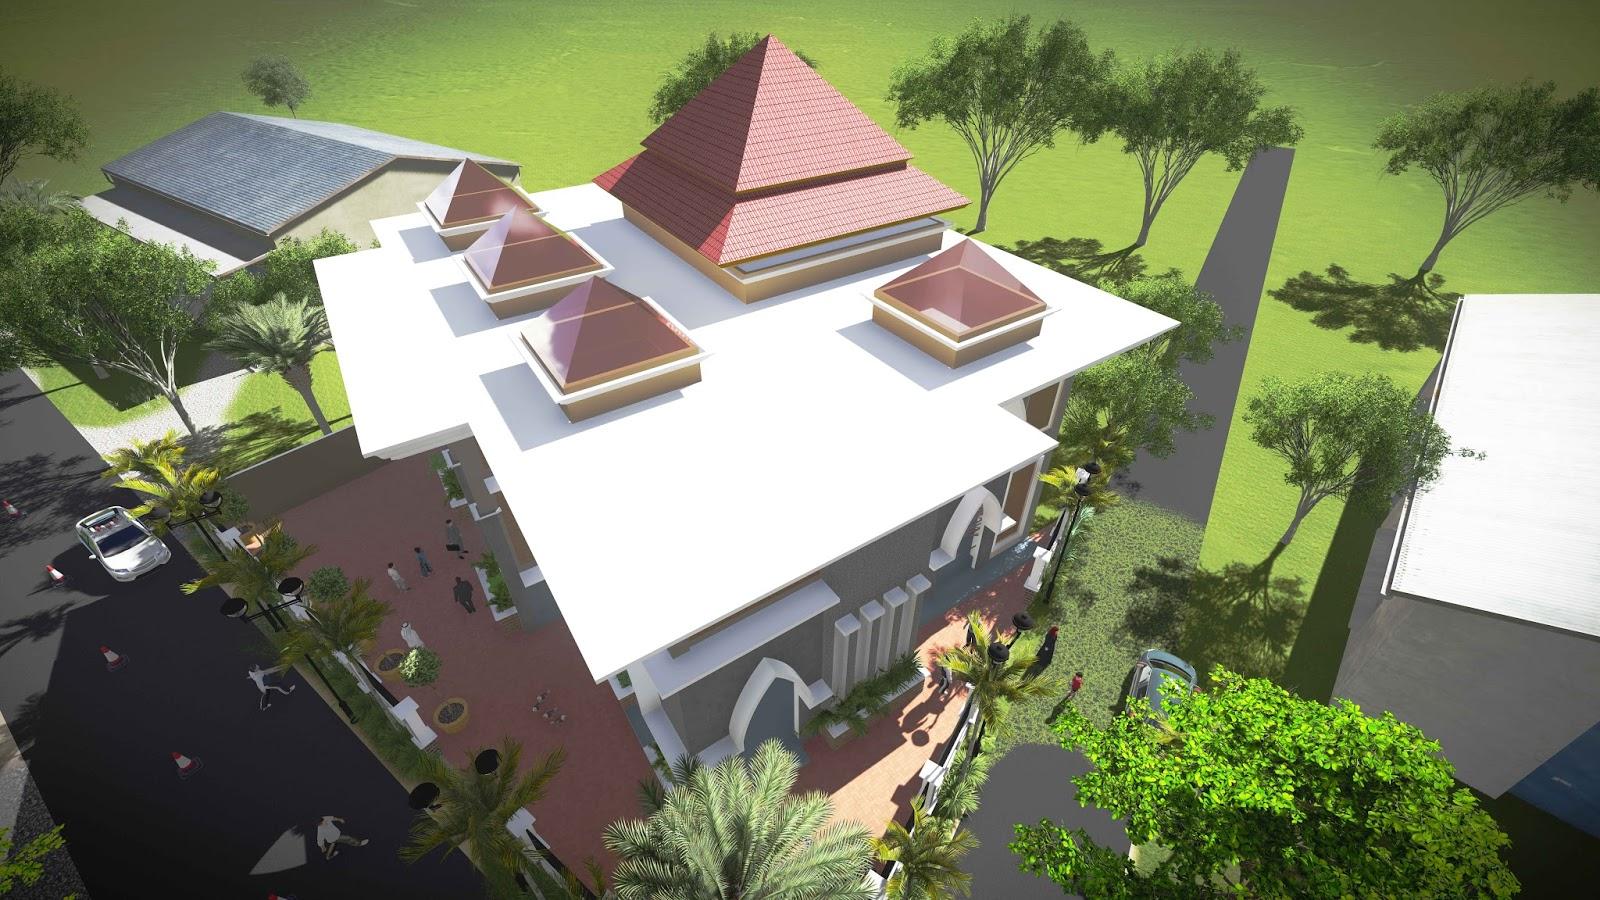 Dapatkan Contoh Gambar Masjid Minimalis Warnaigambar Website